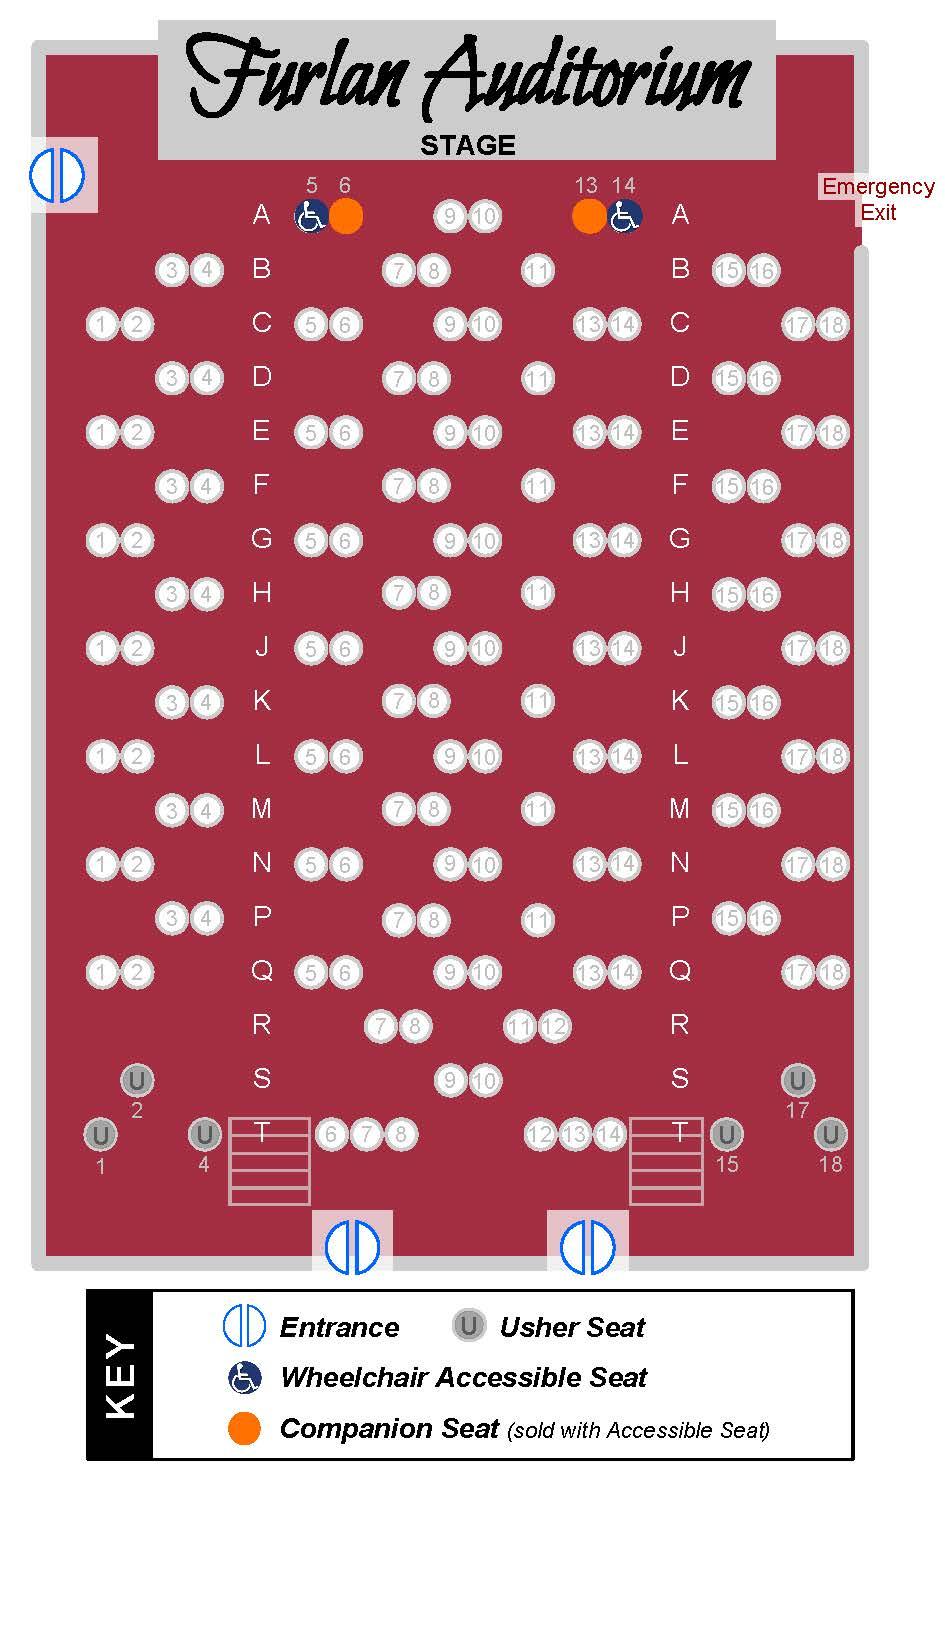 FURLAN-AUDITORIUM-CORONA-SEATING-MAP-VERSION-3